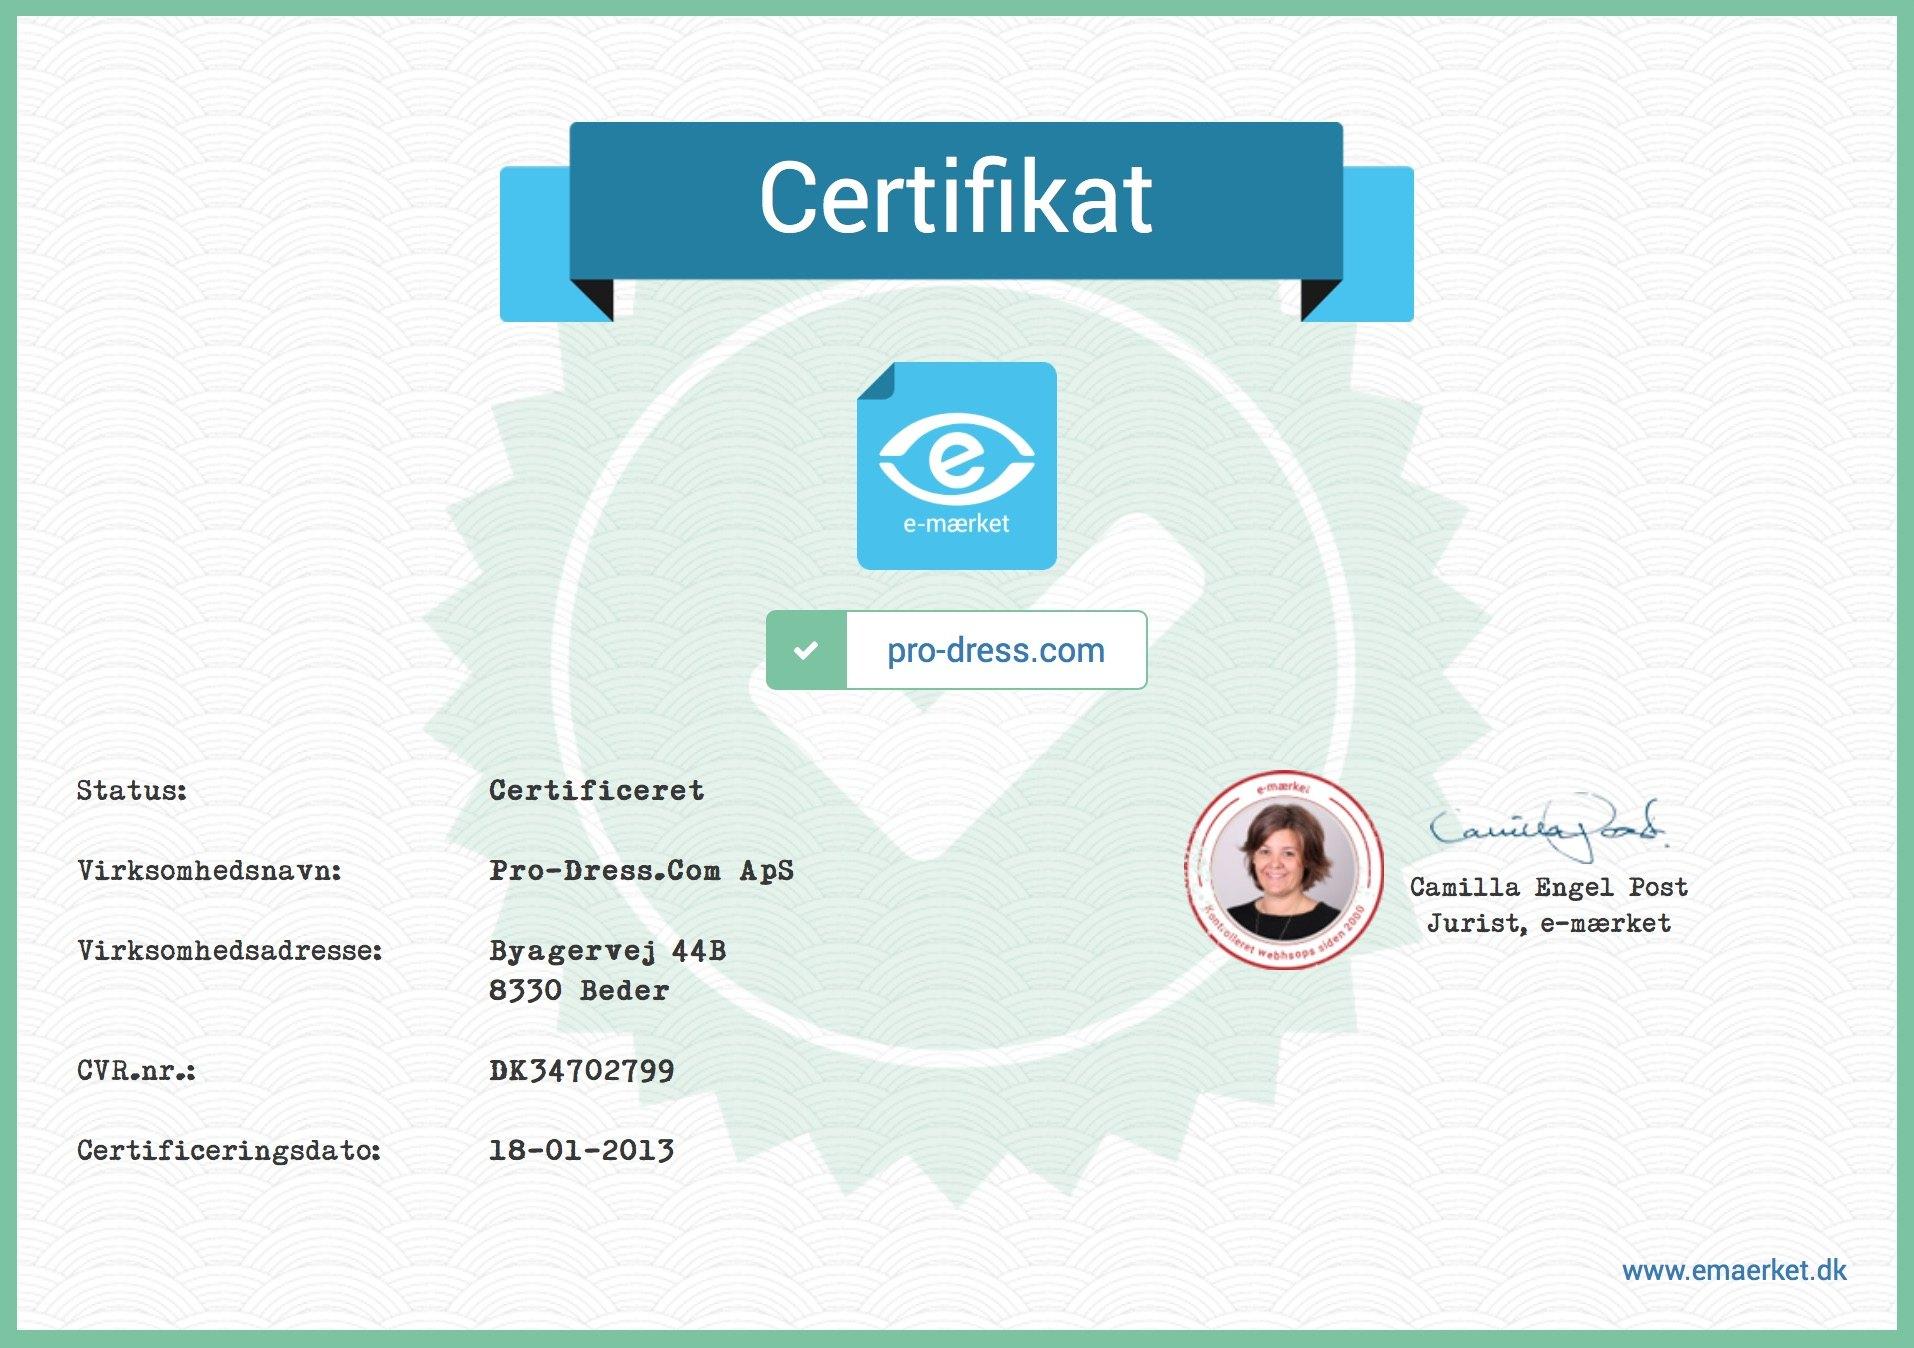 Certifikat e-mærket